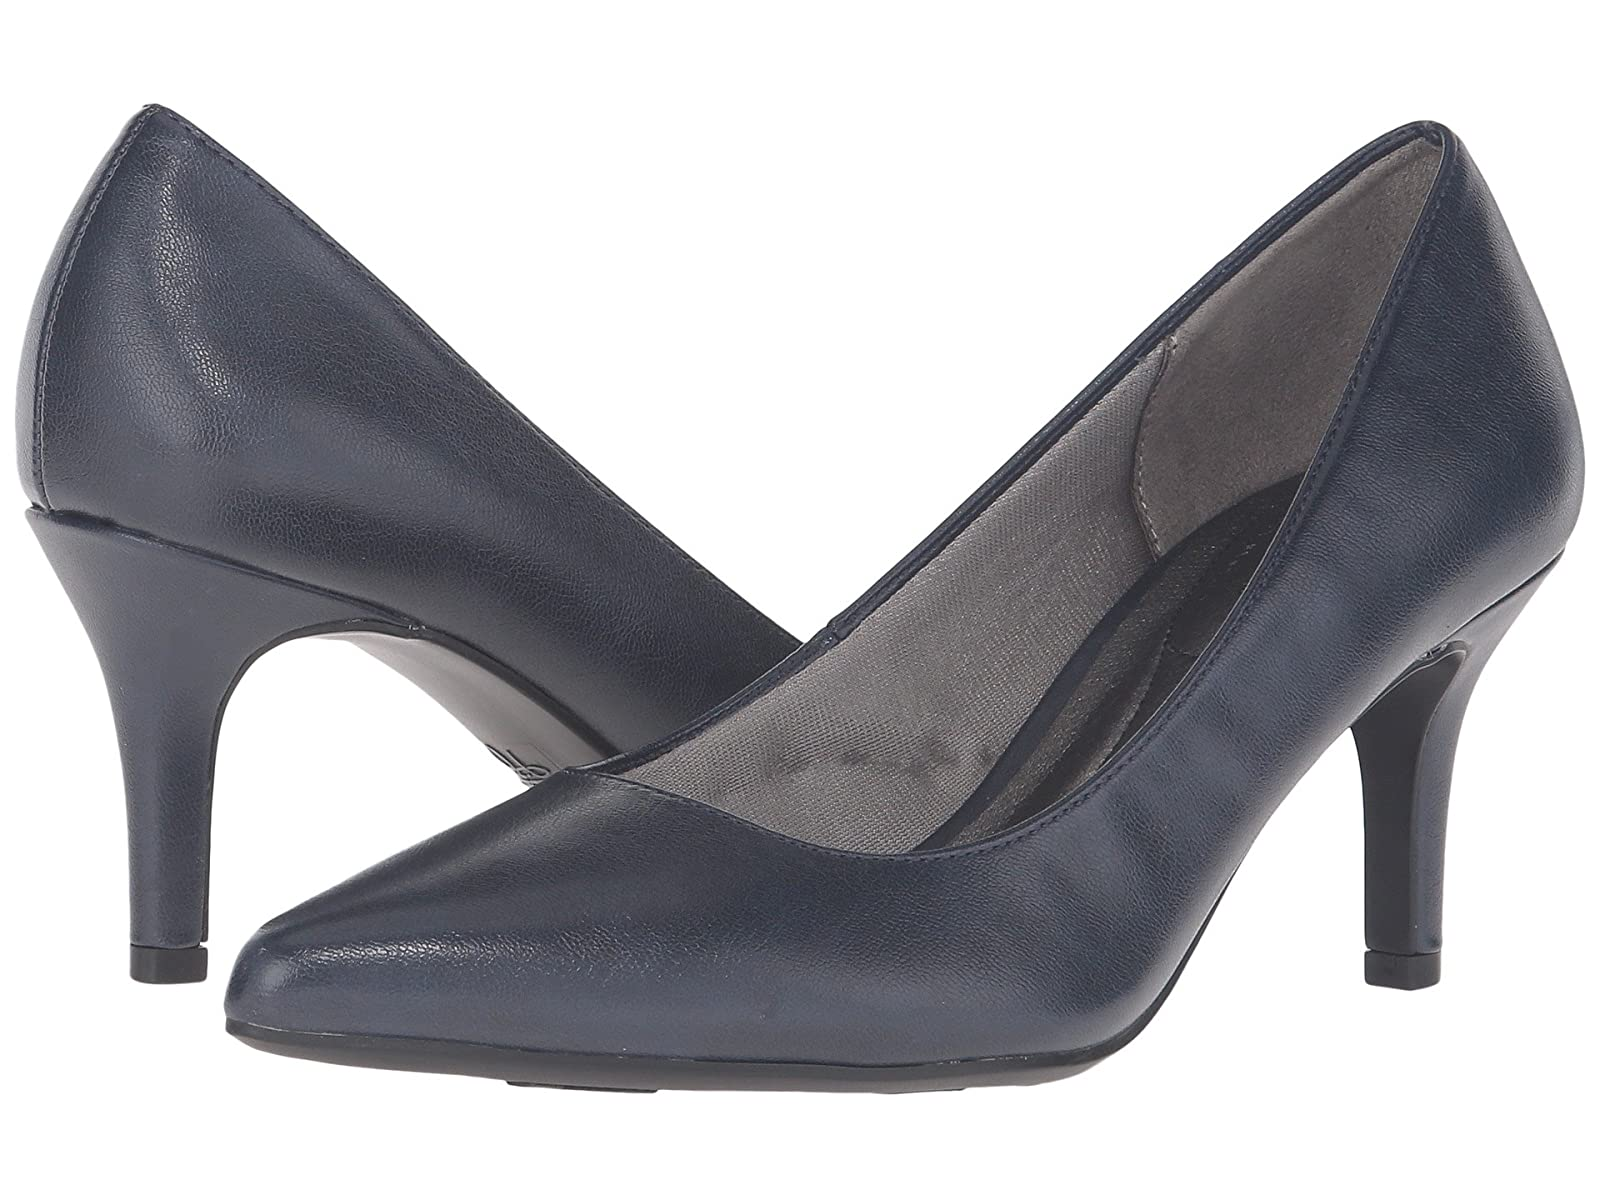 LifeStride SevynAtmospheric grades have affordable shoes